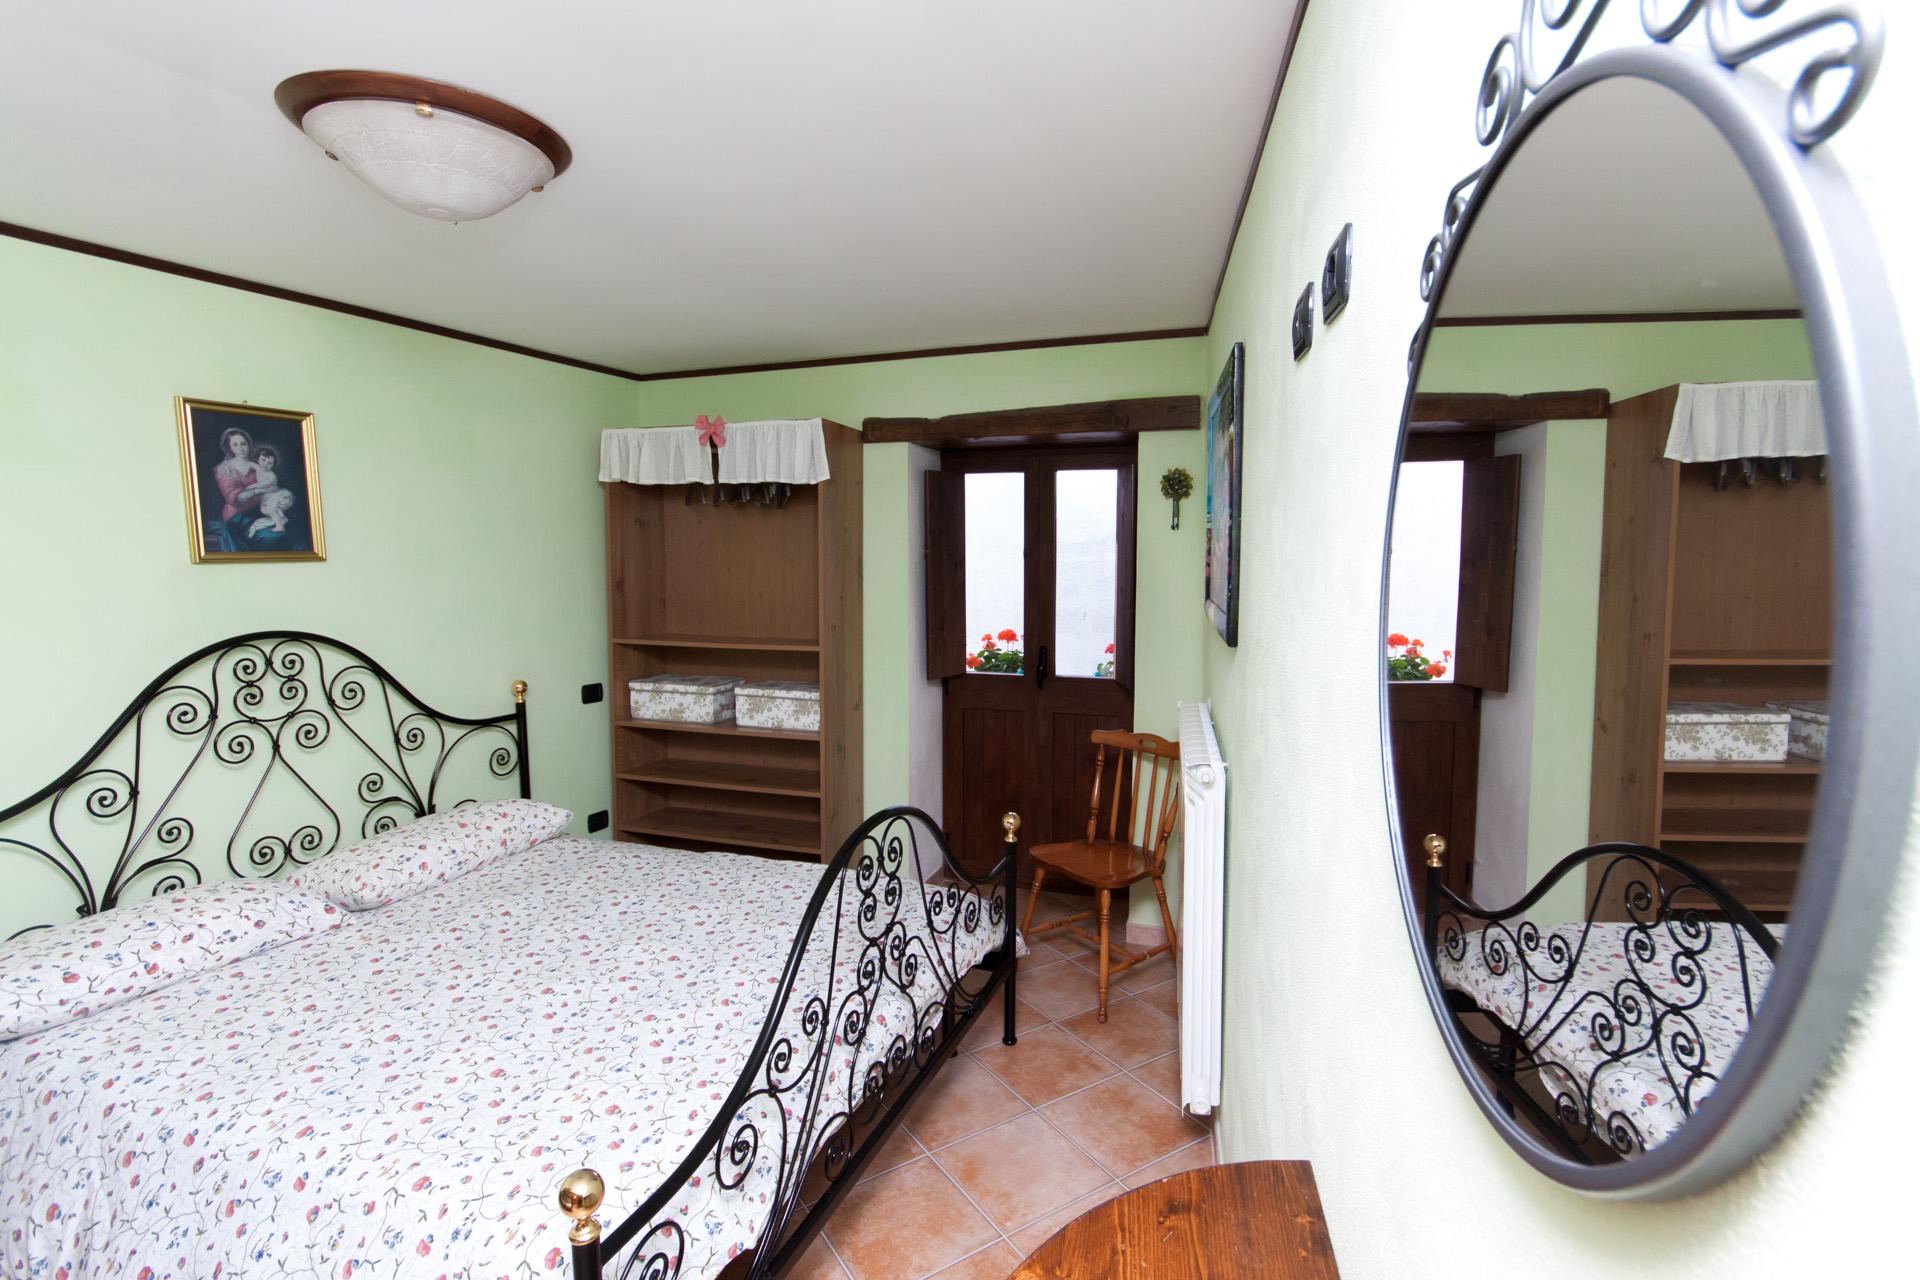 http://www.bebilborgo.com/sito/uploads/2014/07/appartamento-scapoli-zio-tullio-IMG_9768.jpg